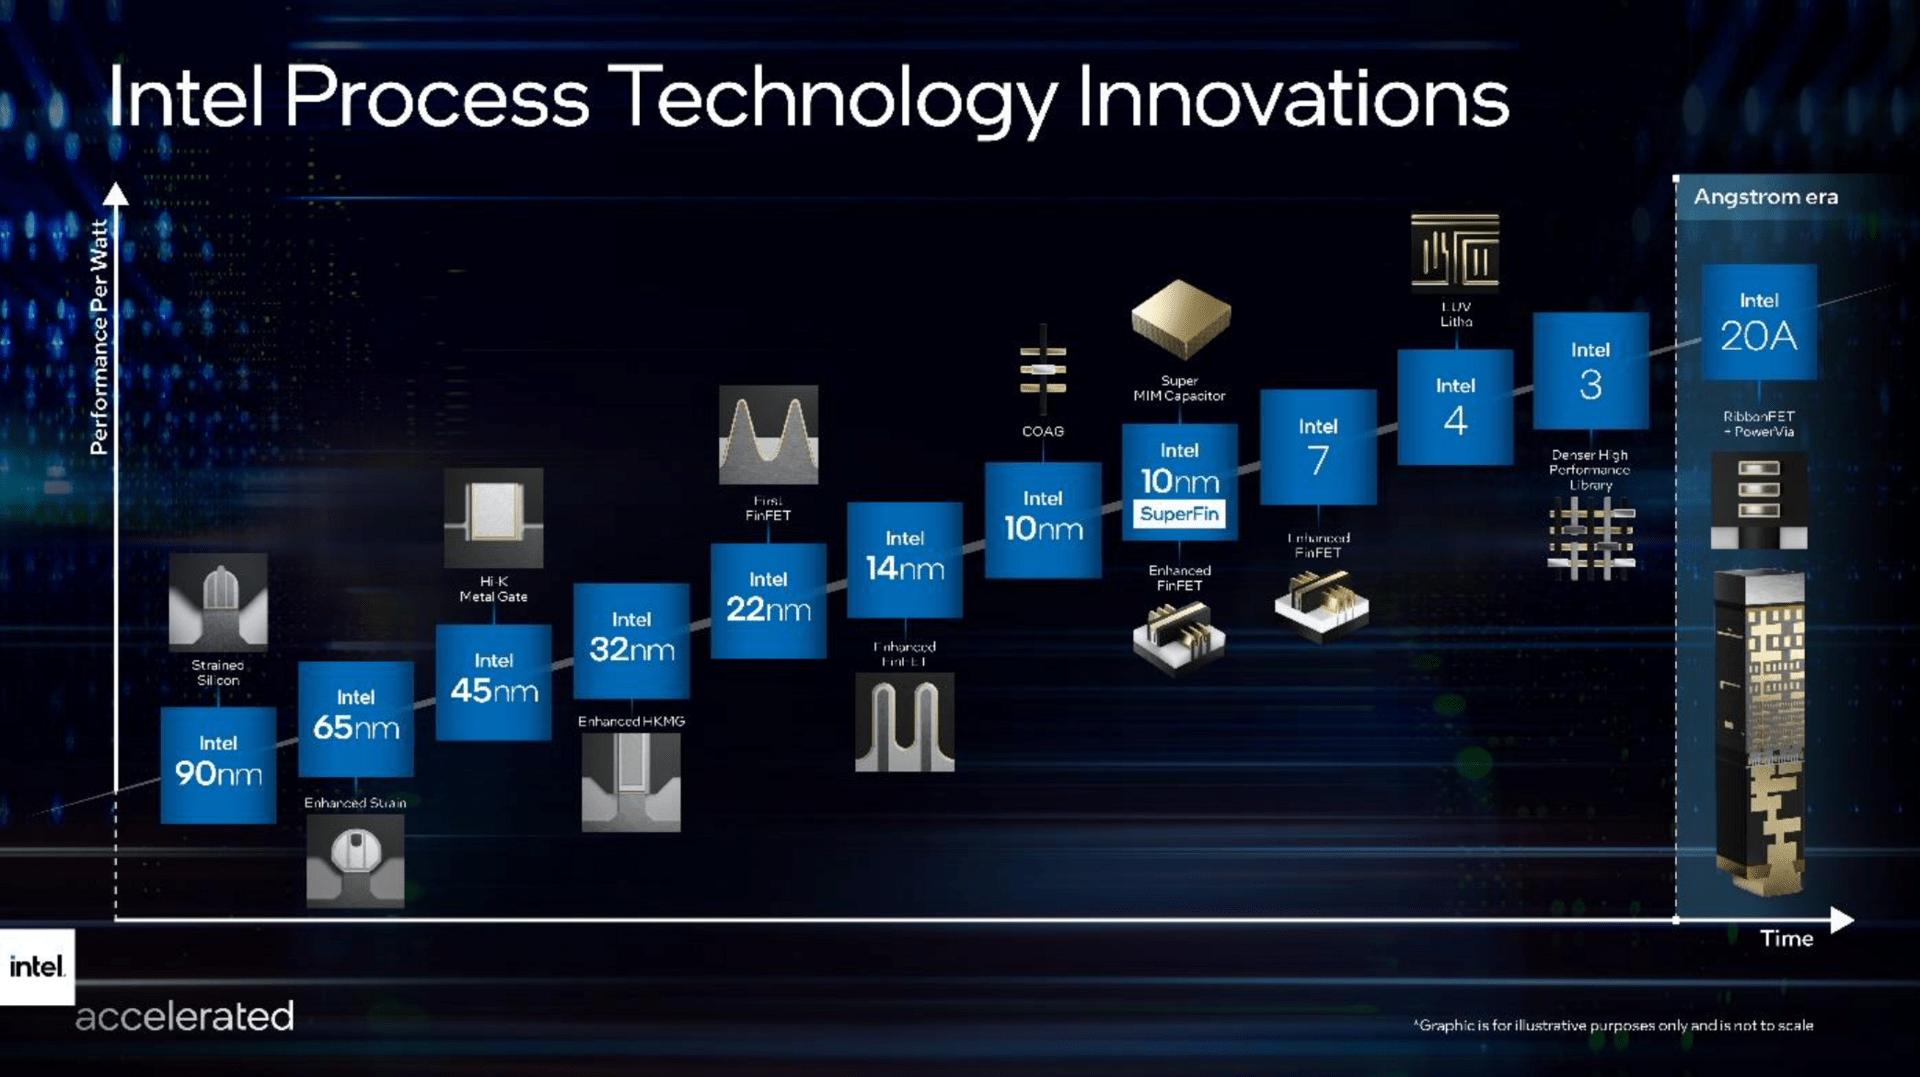 Éxitos de Intel en las etapas de fabricación